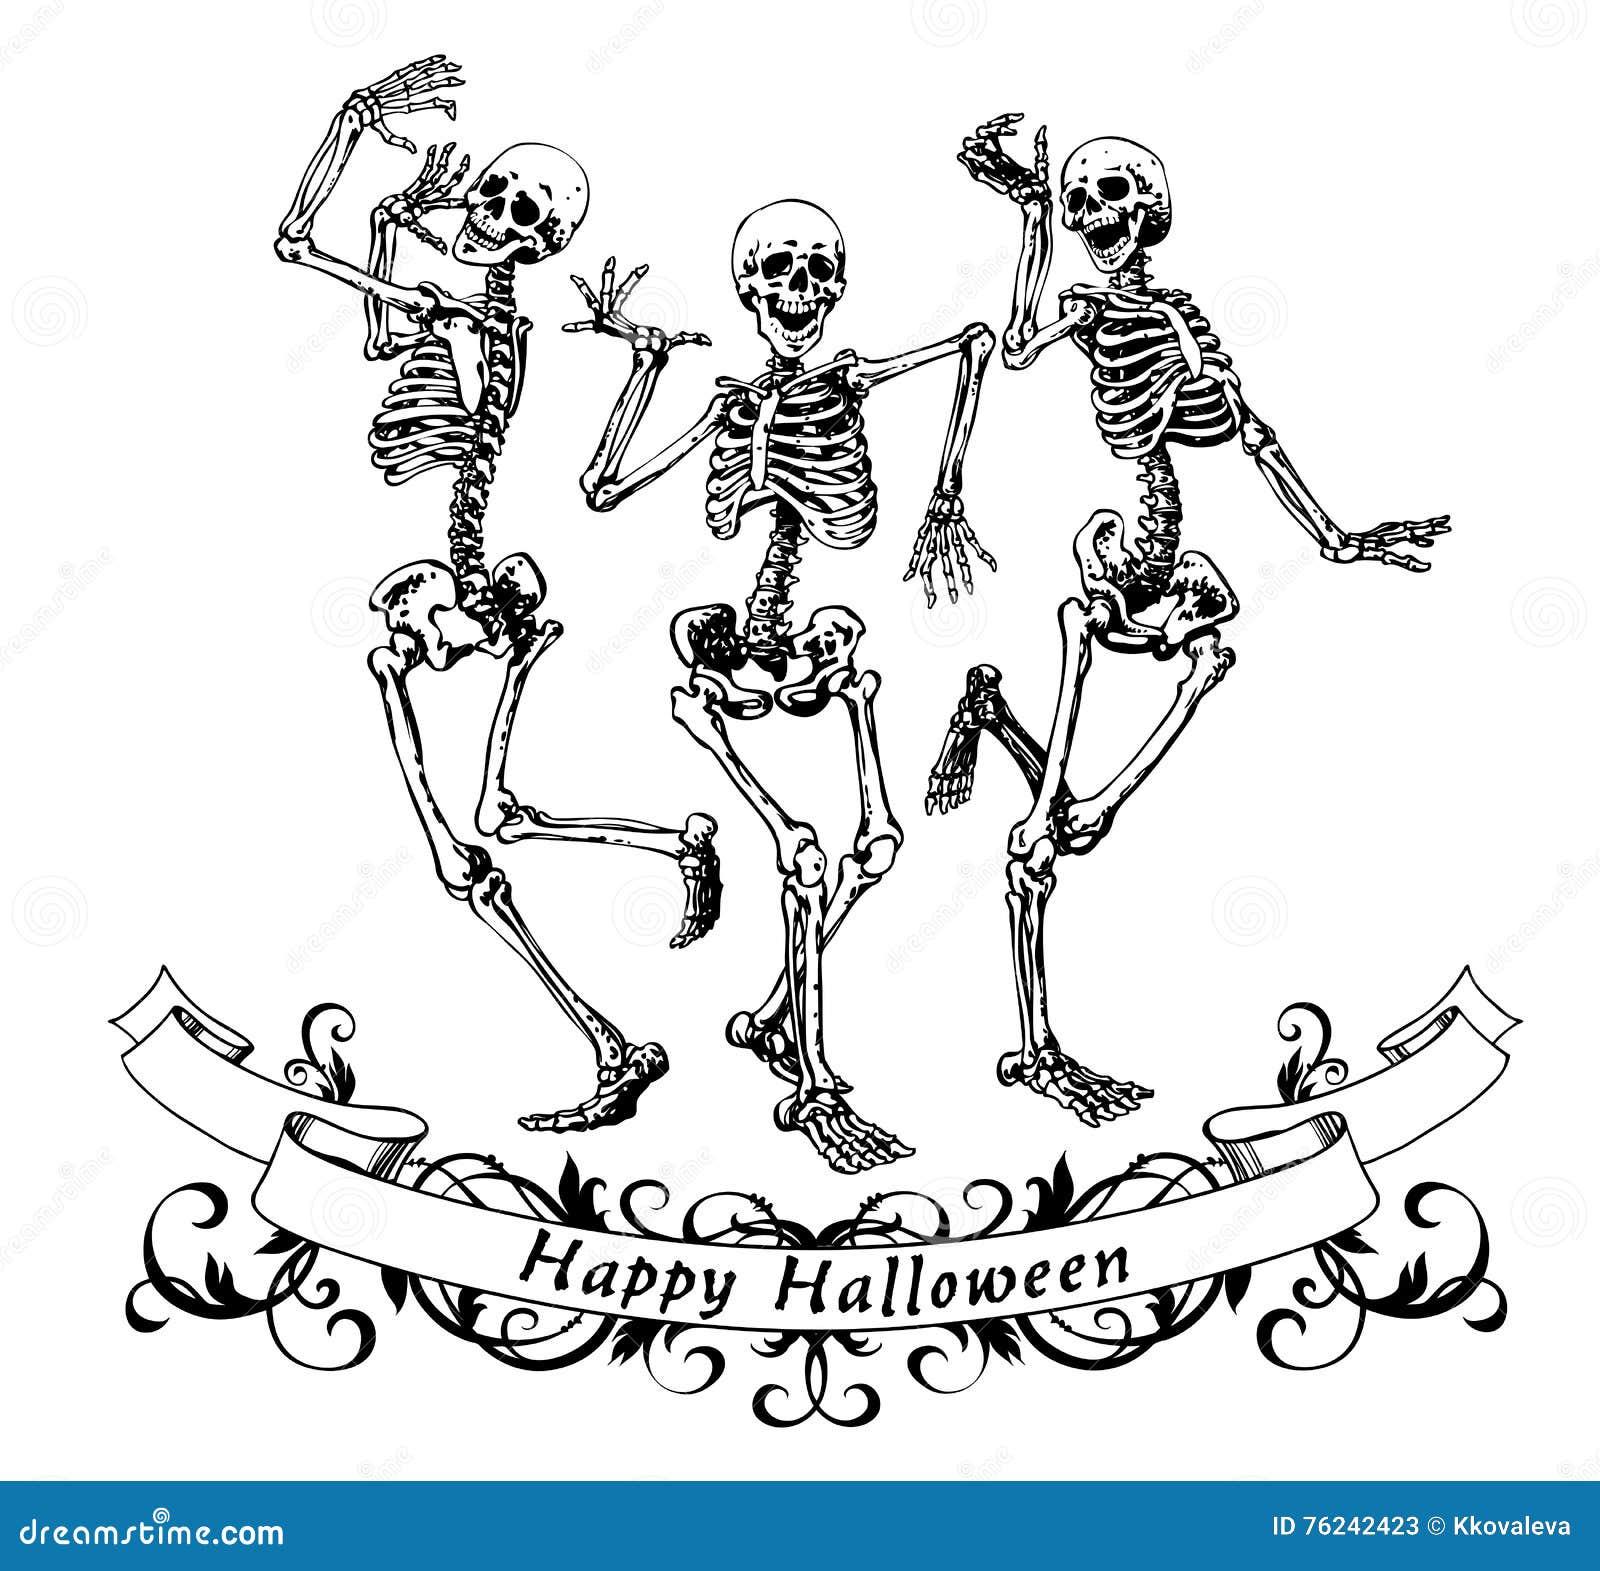 happy halloween dancing skeletons isolated vector illustration stock vector - Dancing Halloween